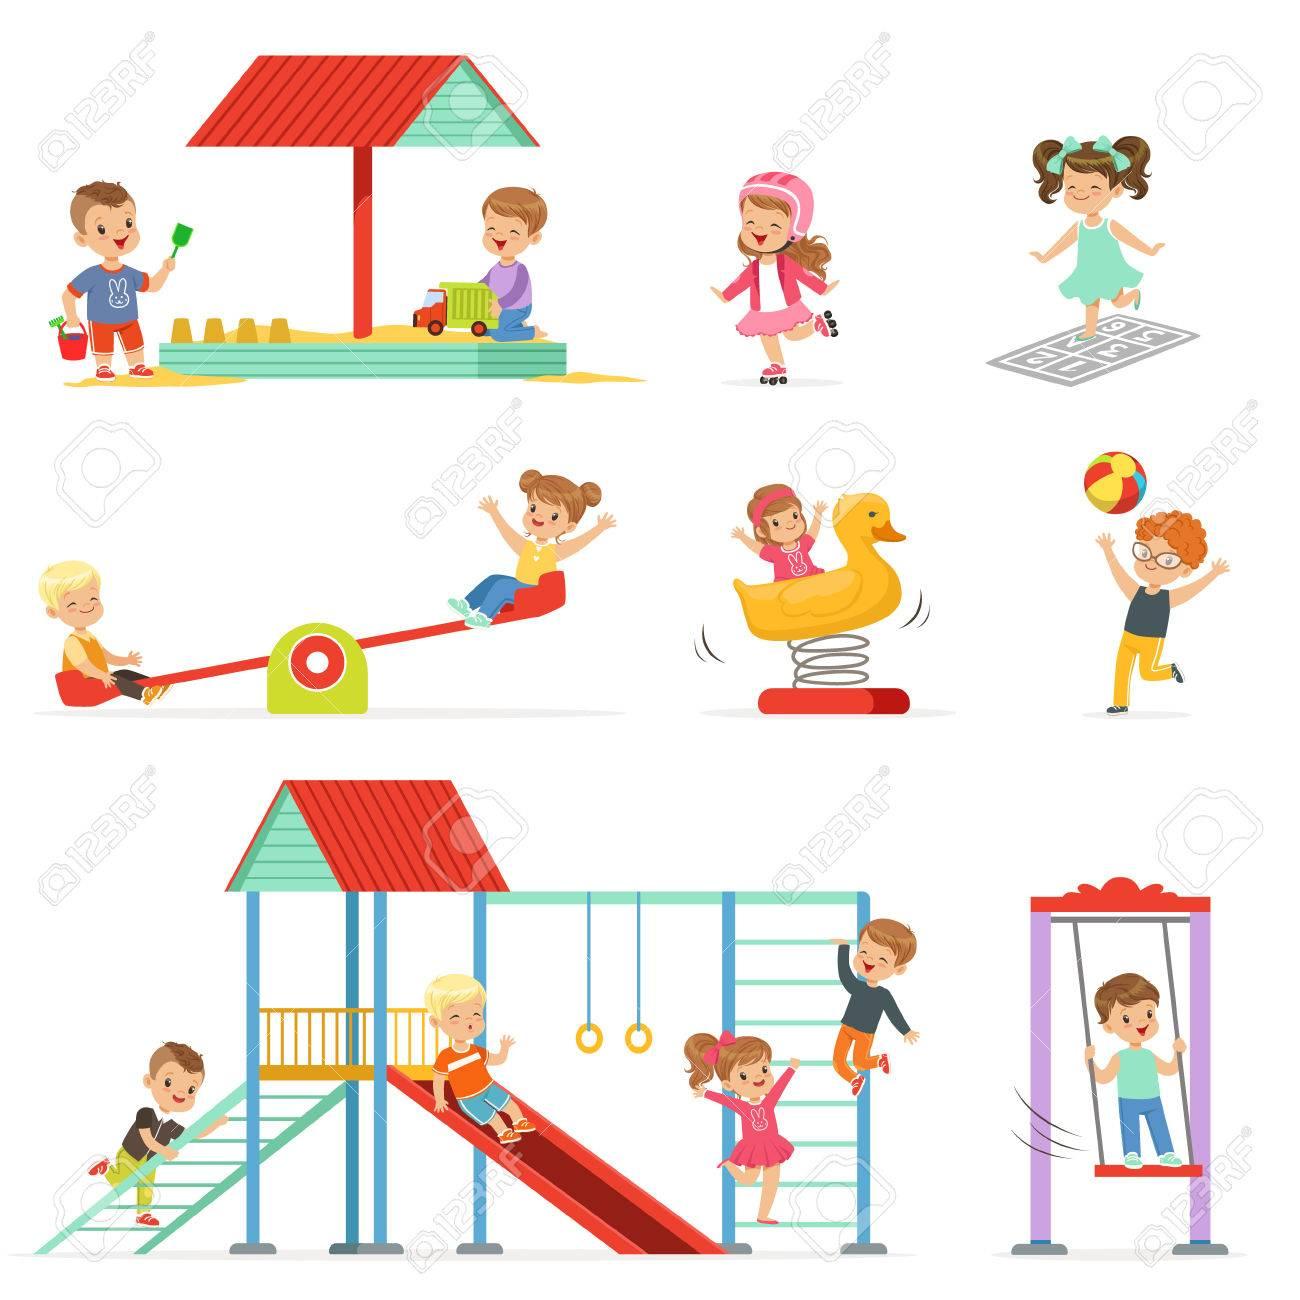 Dessin Animé Mignon Petits Enfants Jouant Et S'amuser À L'ensemble De  L'aire De Jeux, Enfants Jouant À L'extérieur Vecteur Illustrations Isolées  Sur à Jeux Enfant Dessin